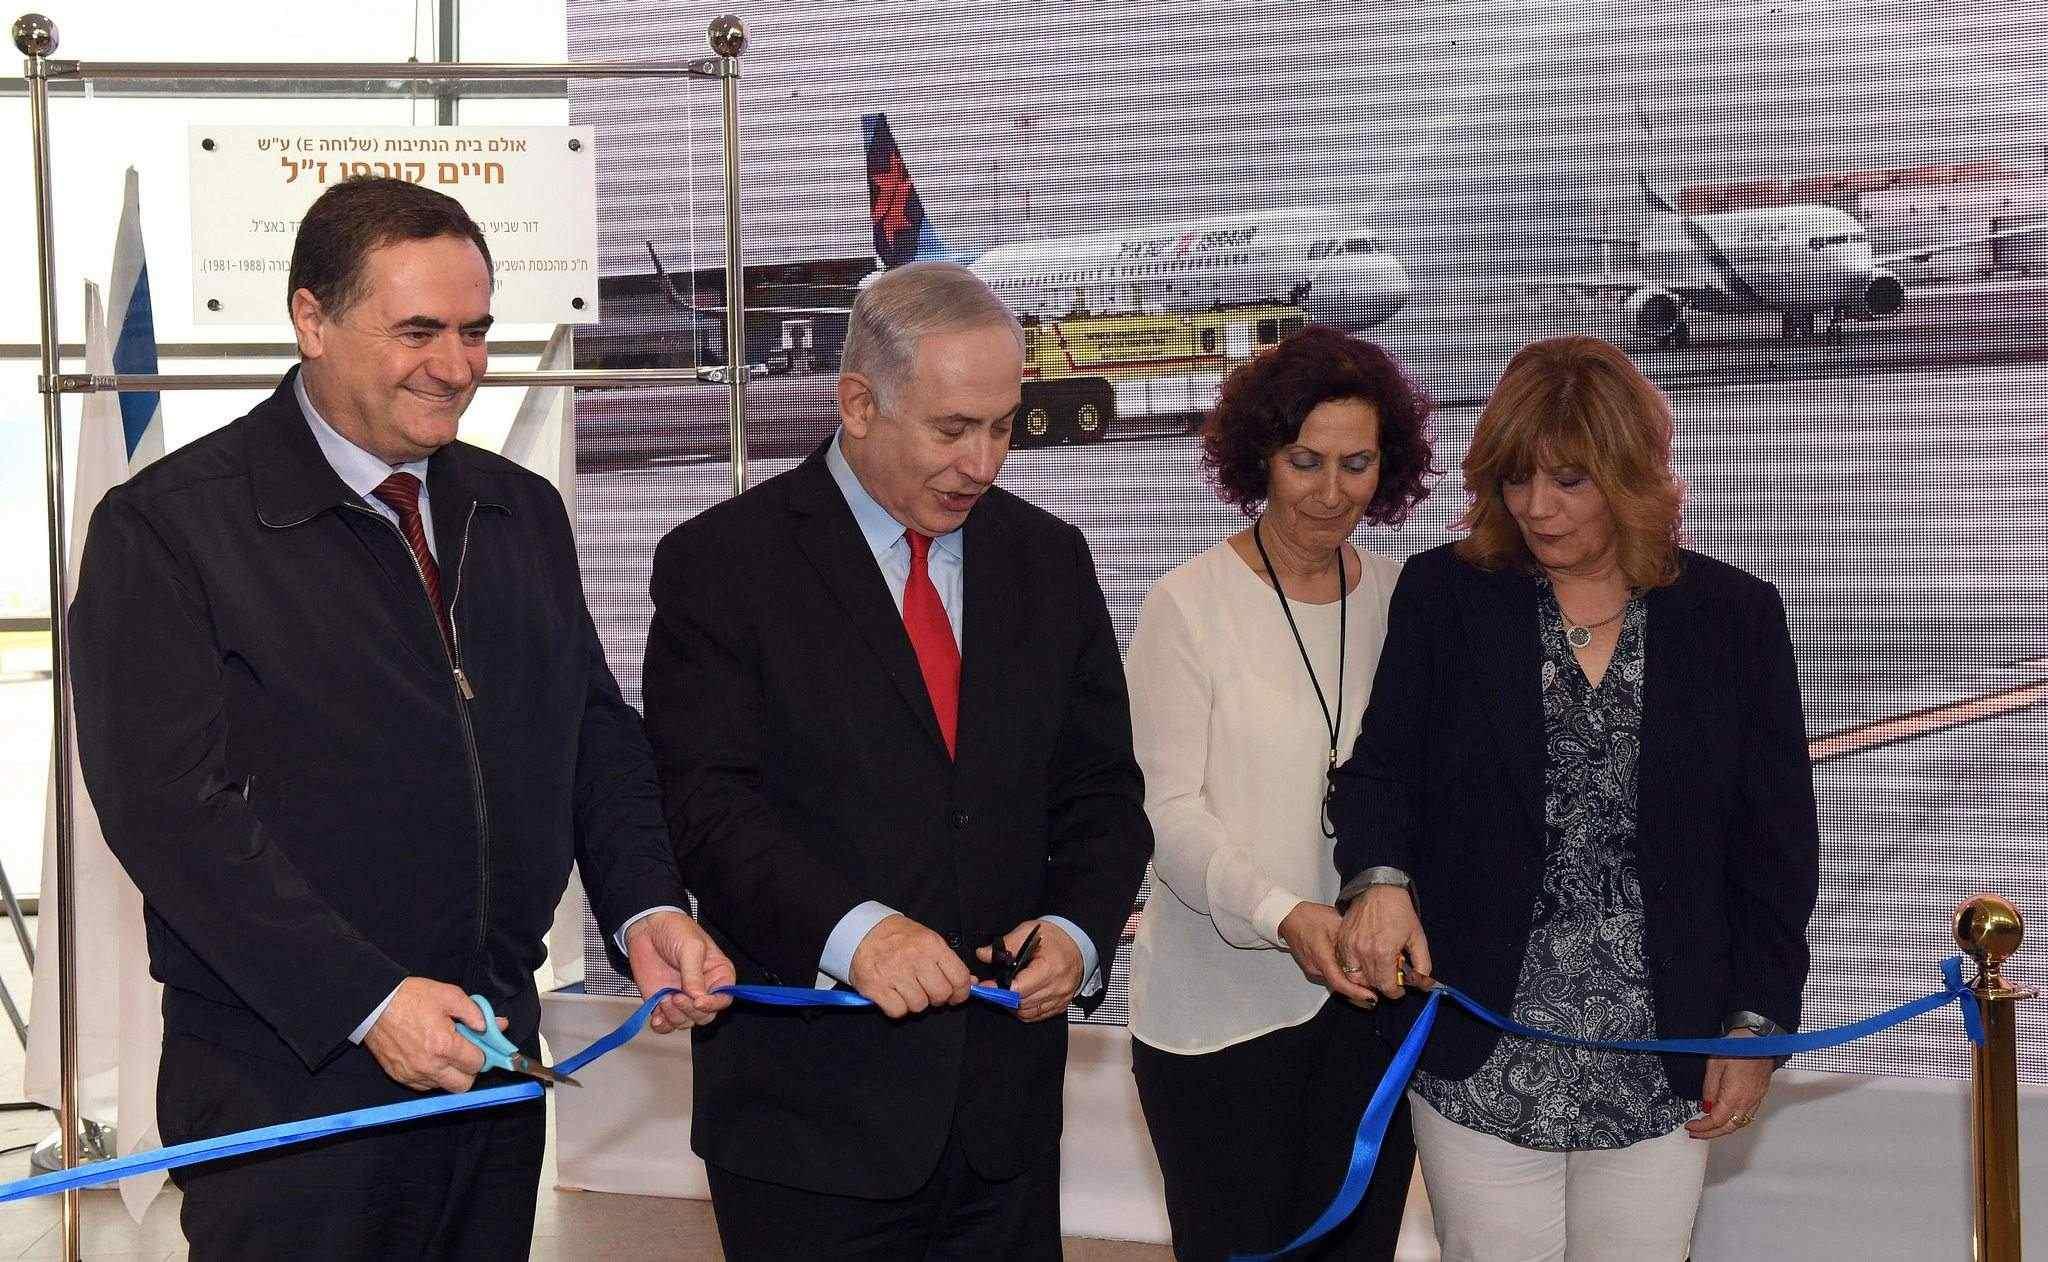 Turistminister Yariv Levin (t.v.) og Benjamin Netanyahu klipper snora ved åpningen av den nye fløyen. (Foto: GPO/Flickr)